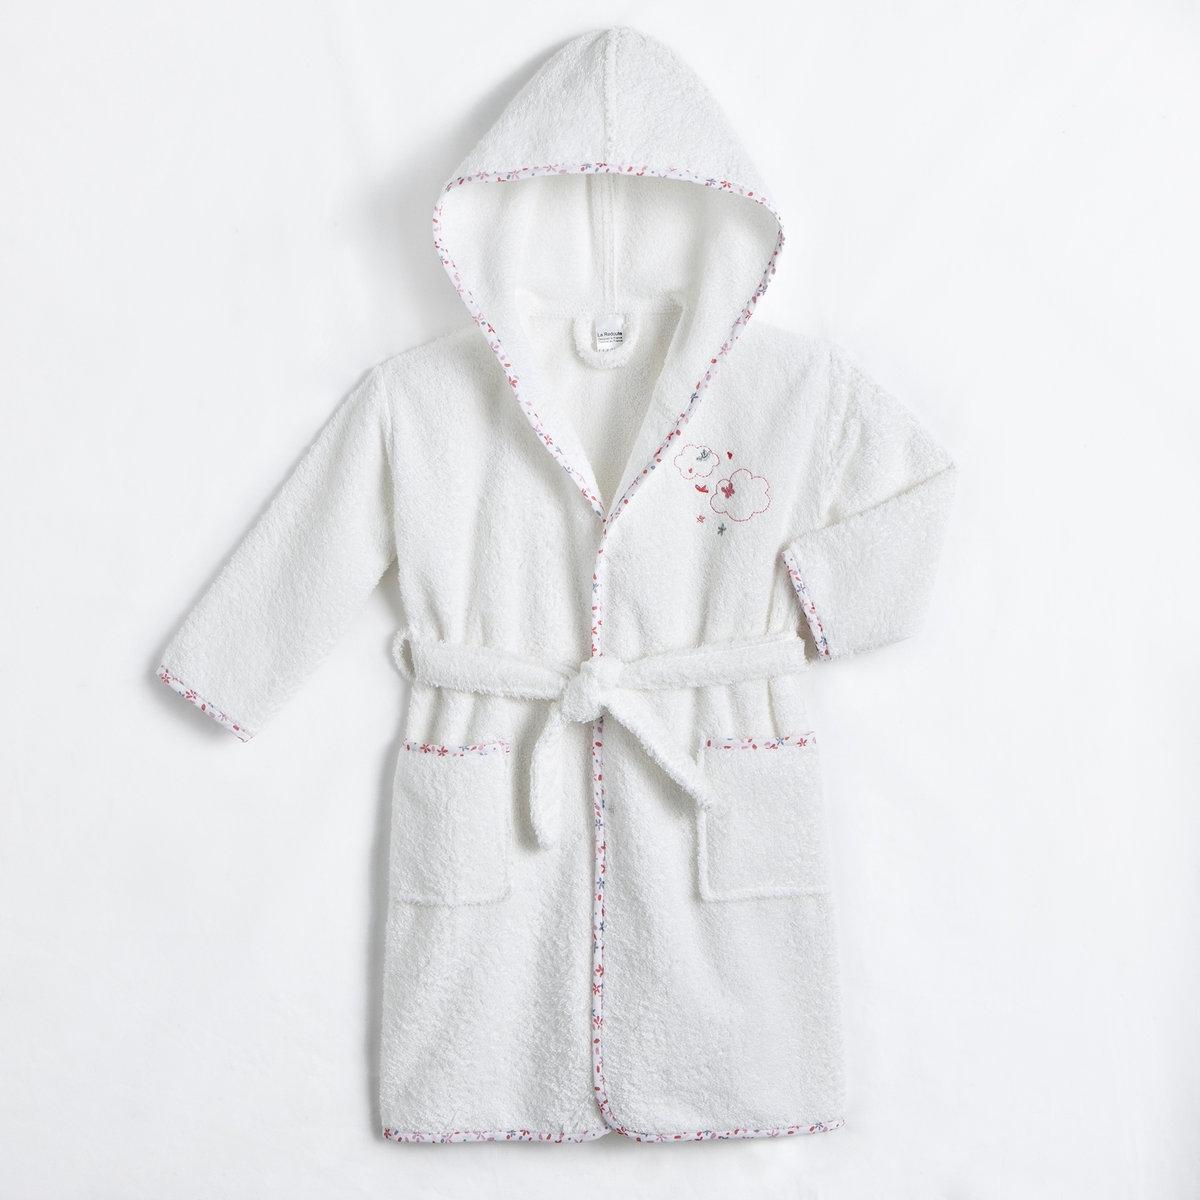 Халат детский с капюшоном, 400 г/м?Детский халат с капюшоном: мягкая махровая ткань, тщательная отделка тканью с цветочным рисунком, отличные впитывающие свойства.Характеристики детского халата с капюшоном:- Махровая ткань: 90% хлопка, 10% полиэстера (400 г/м?).- Рукава реглан, 2 накладных кармана, пояс со шлевками.- Вышивка на груди.- Стирка при 40°.<br><br>Цвет: белый<br>Размер: 8 / 10 лет  (126 см/138см)